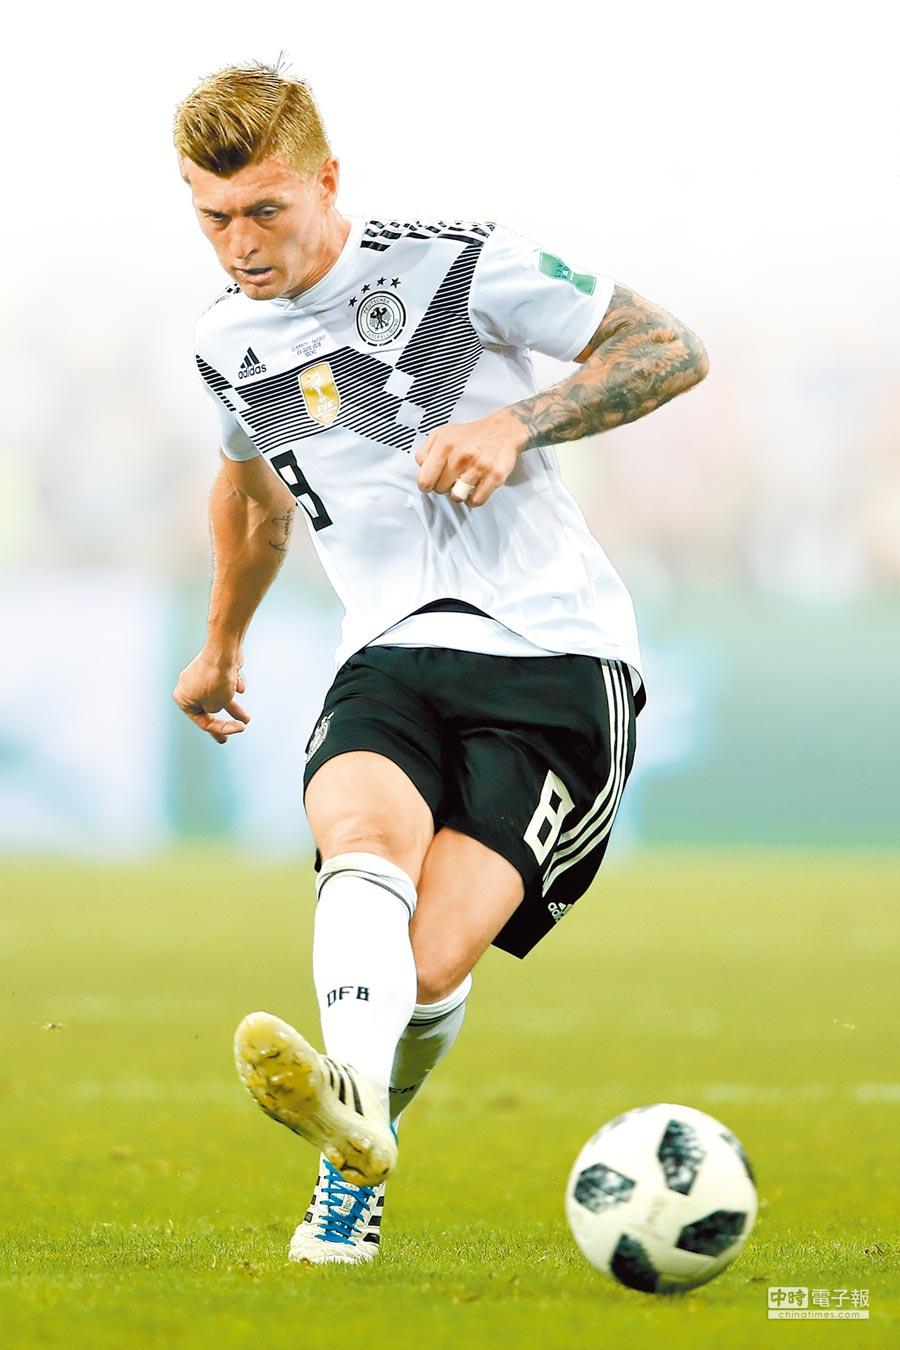 德國隊克羅斯在比賽結束前獲得踢自由球的機會,球隨即破網絕殺瑞典,為德國保住晉級機會。(法新社)